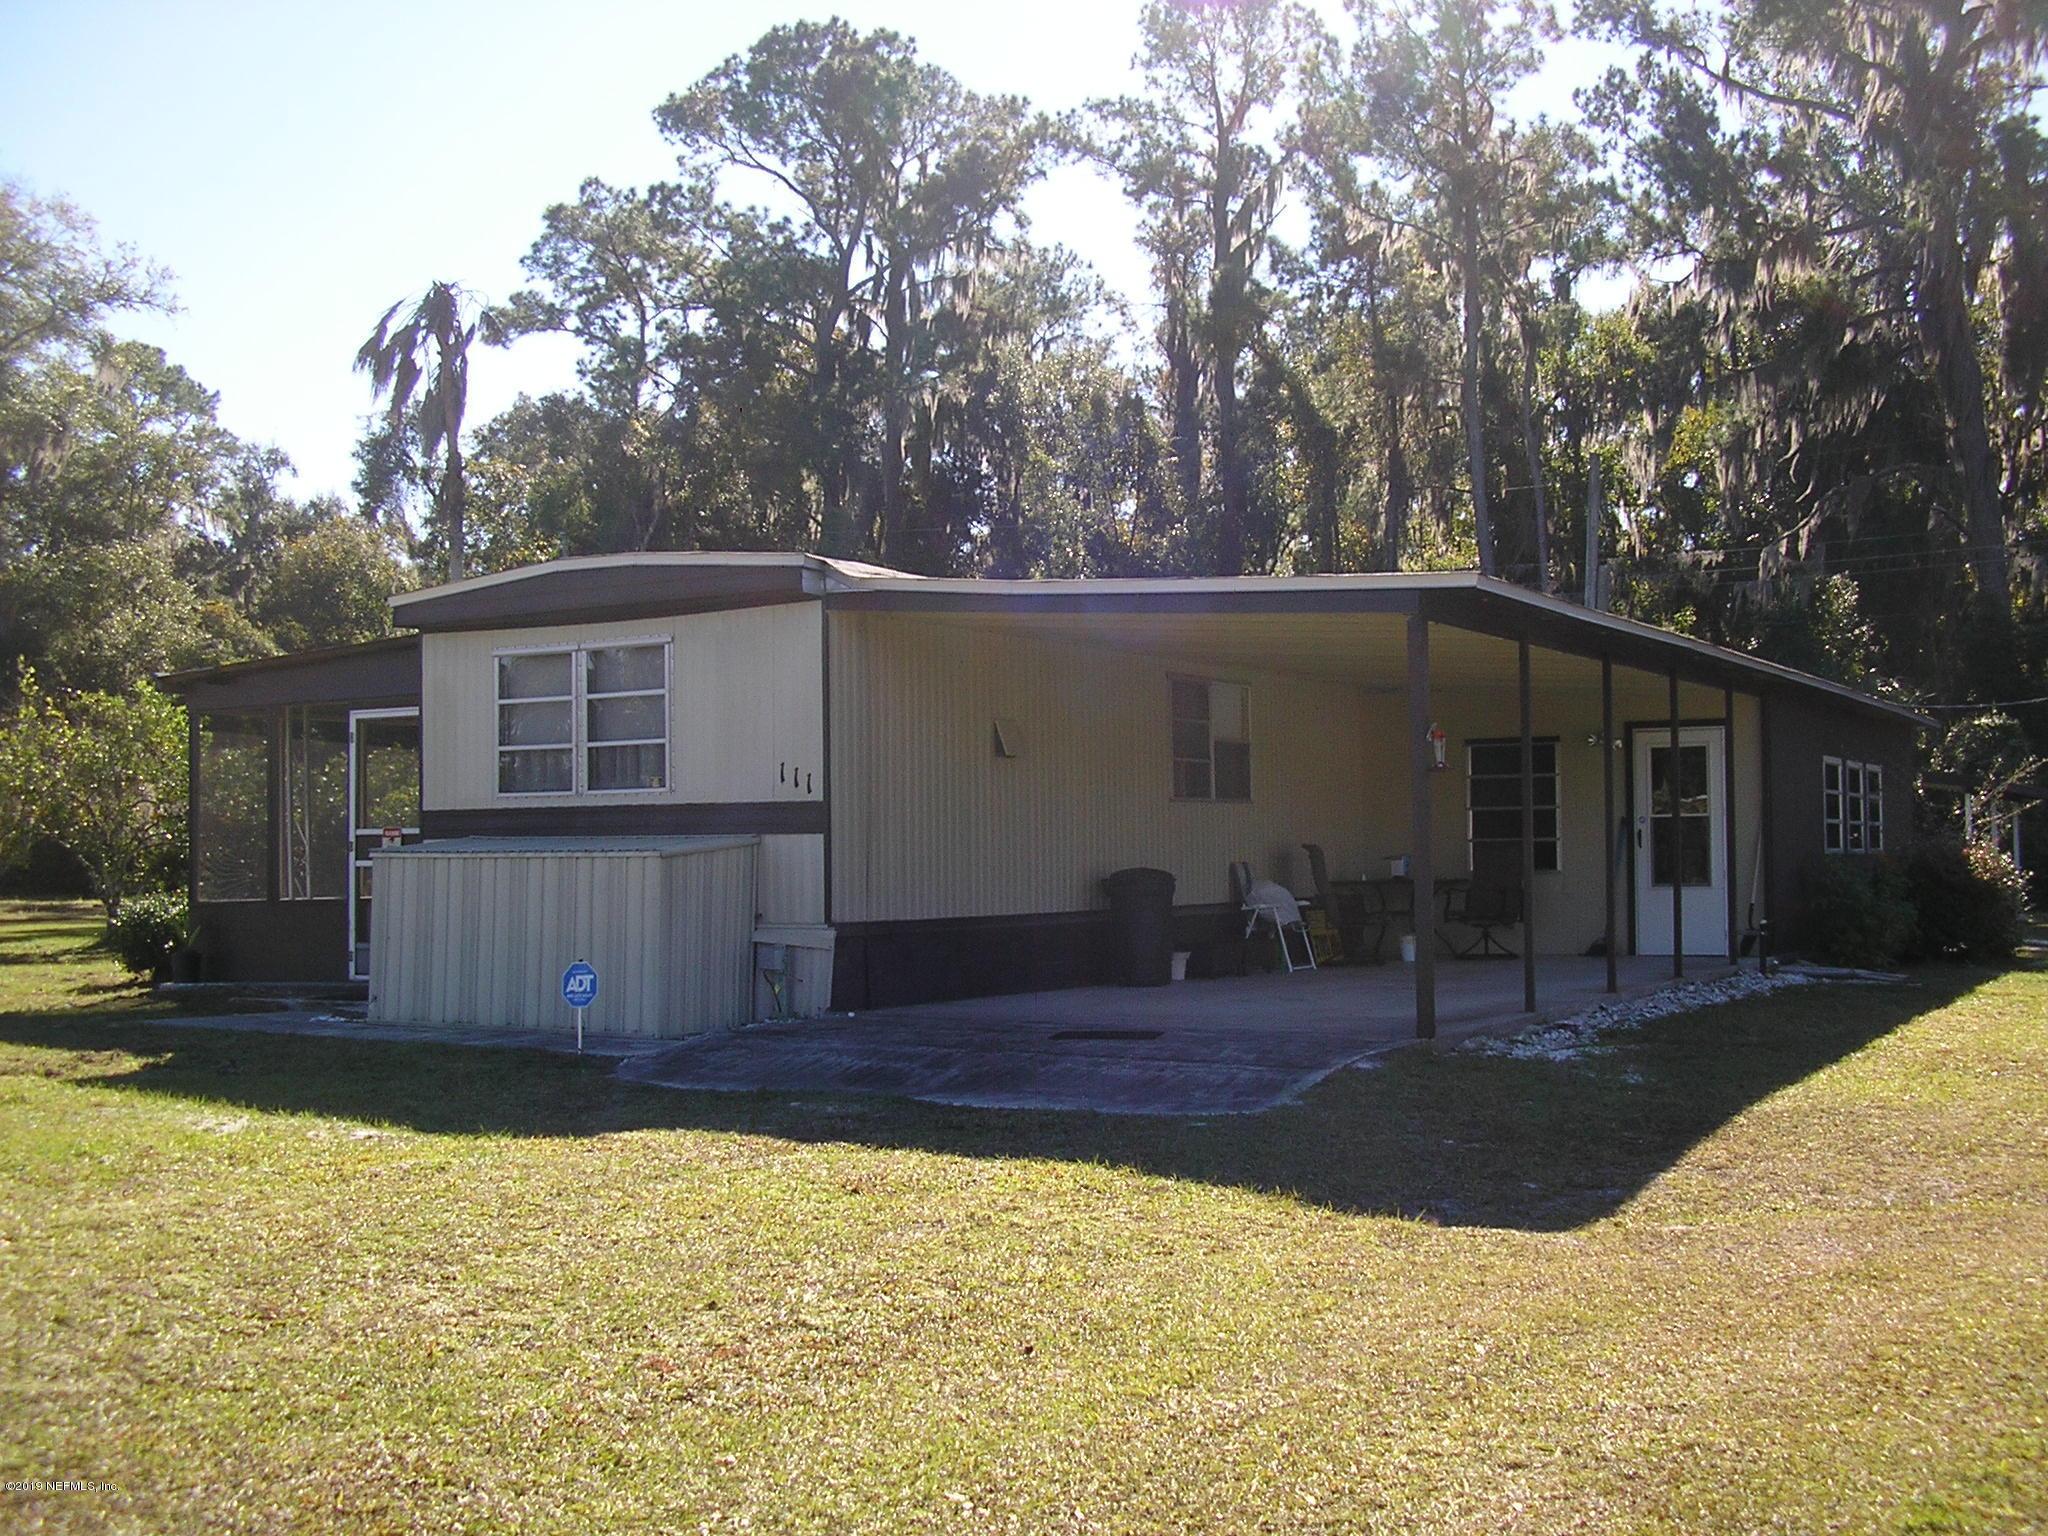 111 CRESTBREEZE, CRESCENT CITY, FLORIDA 32112, 2 Bedrooms Bedrooms, ,1 BathroomBathrooms,Residential,For sale,CRESTBREEZE,1027898